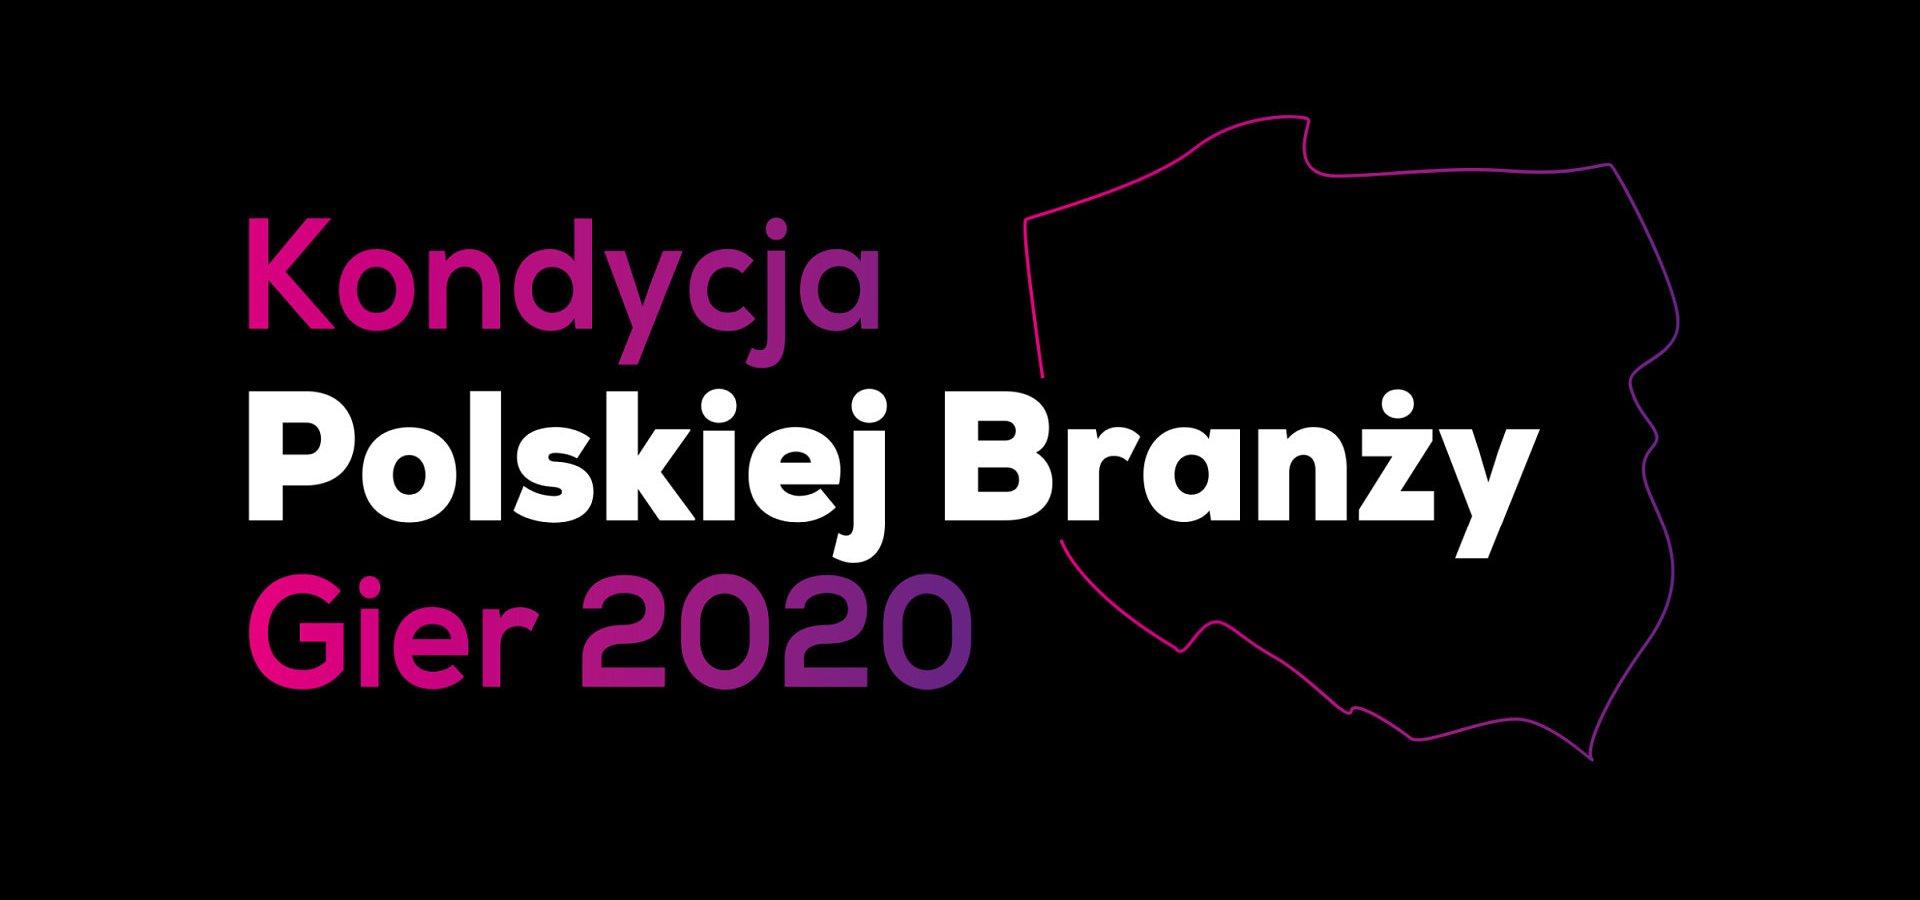 Polską branżę gier czekają dalsze wzrosty. Będzie warta 3 mld PLN w 2024 roku.